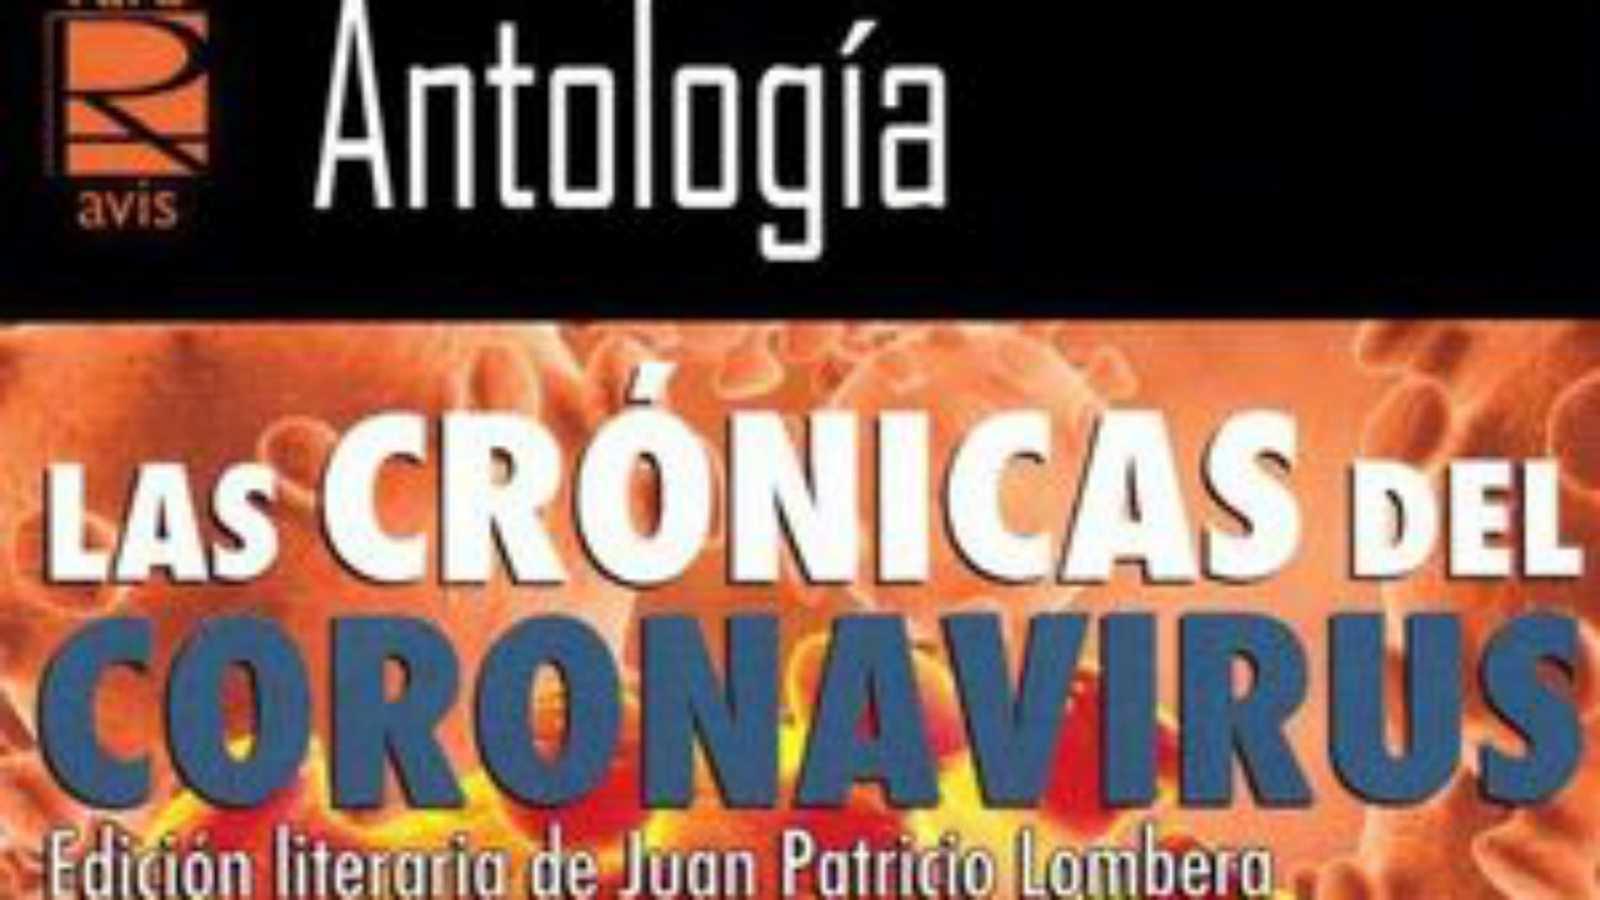 Hora América en Radio 5 - 'Antología. Las crónicas del coronavirus'. Edición literaria de Juan Patricio Lombera - 22/12/20 - Escuchar ahora